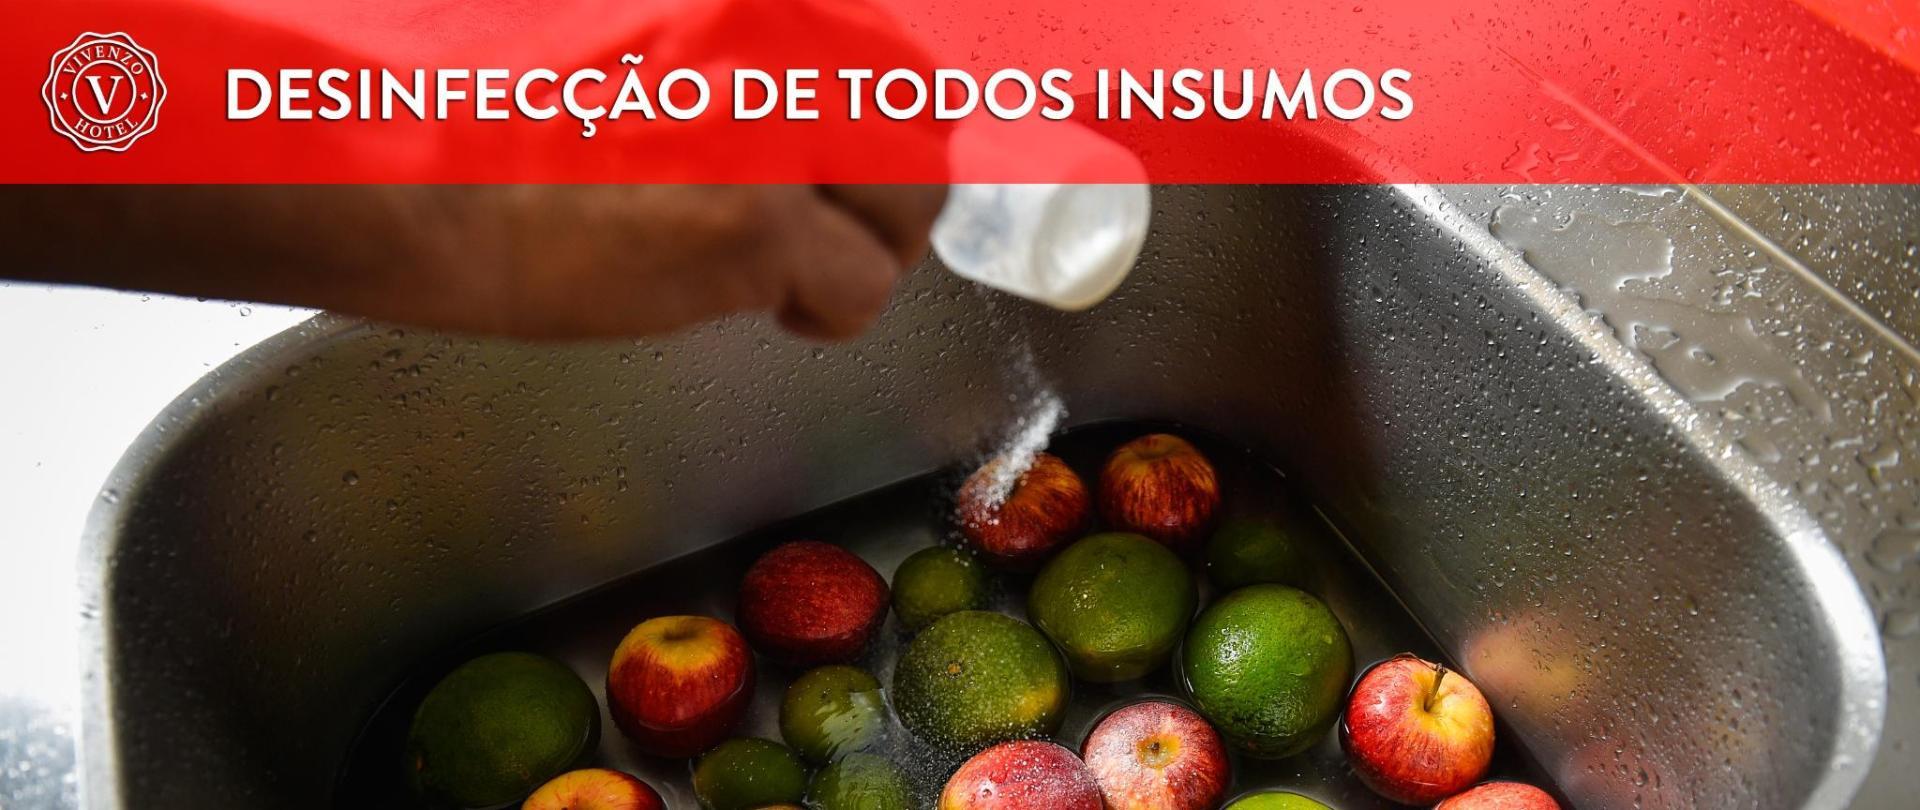 Desinfecção-Insumos.jpg